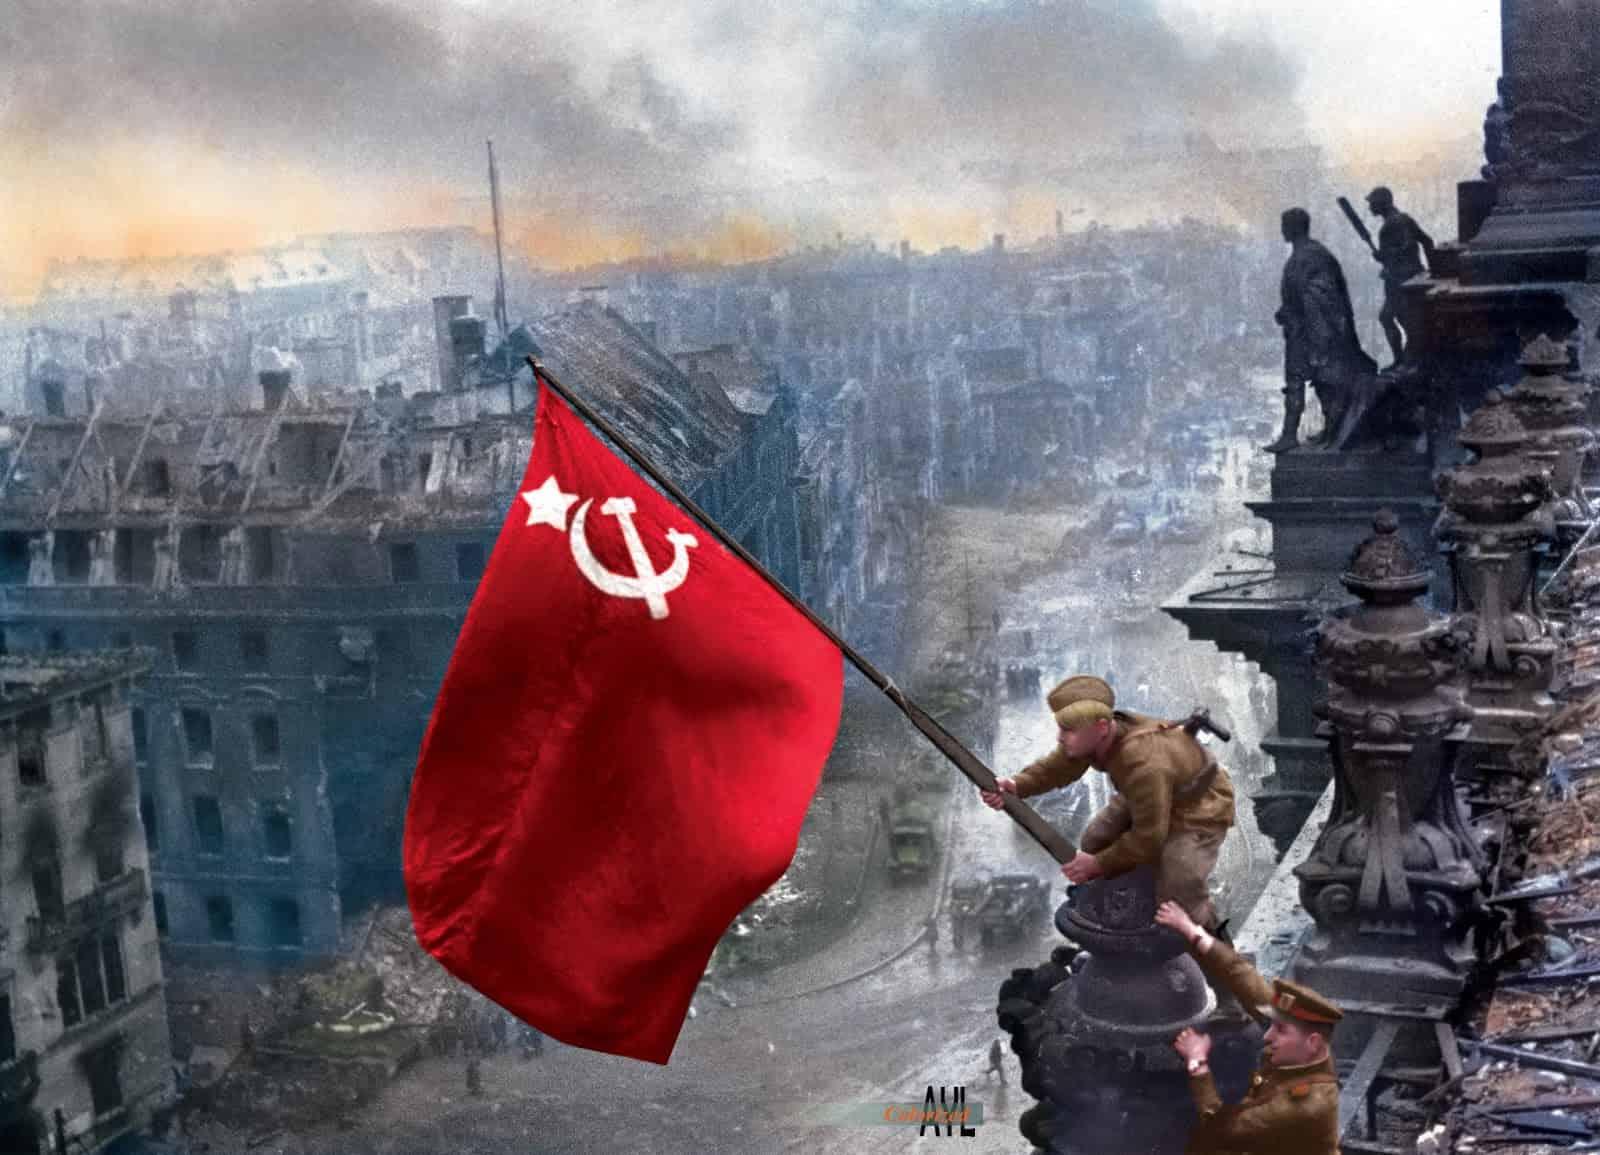 Trận chiến buộc Hitler phải tự sát, Đức quốc xã đầu hàng vô điều kiện - 1